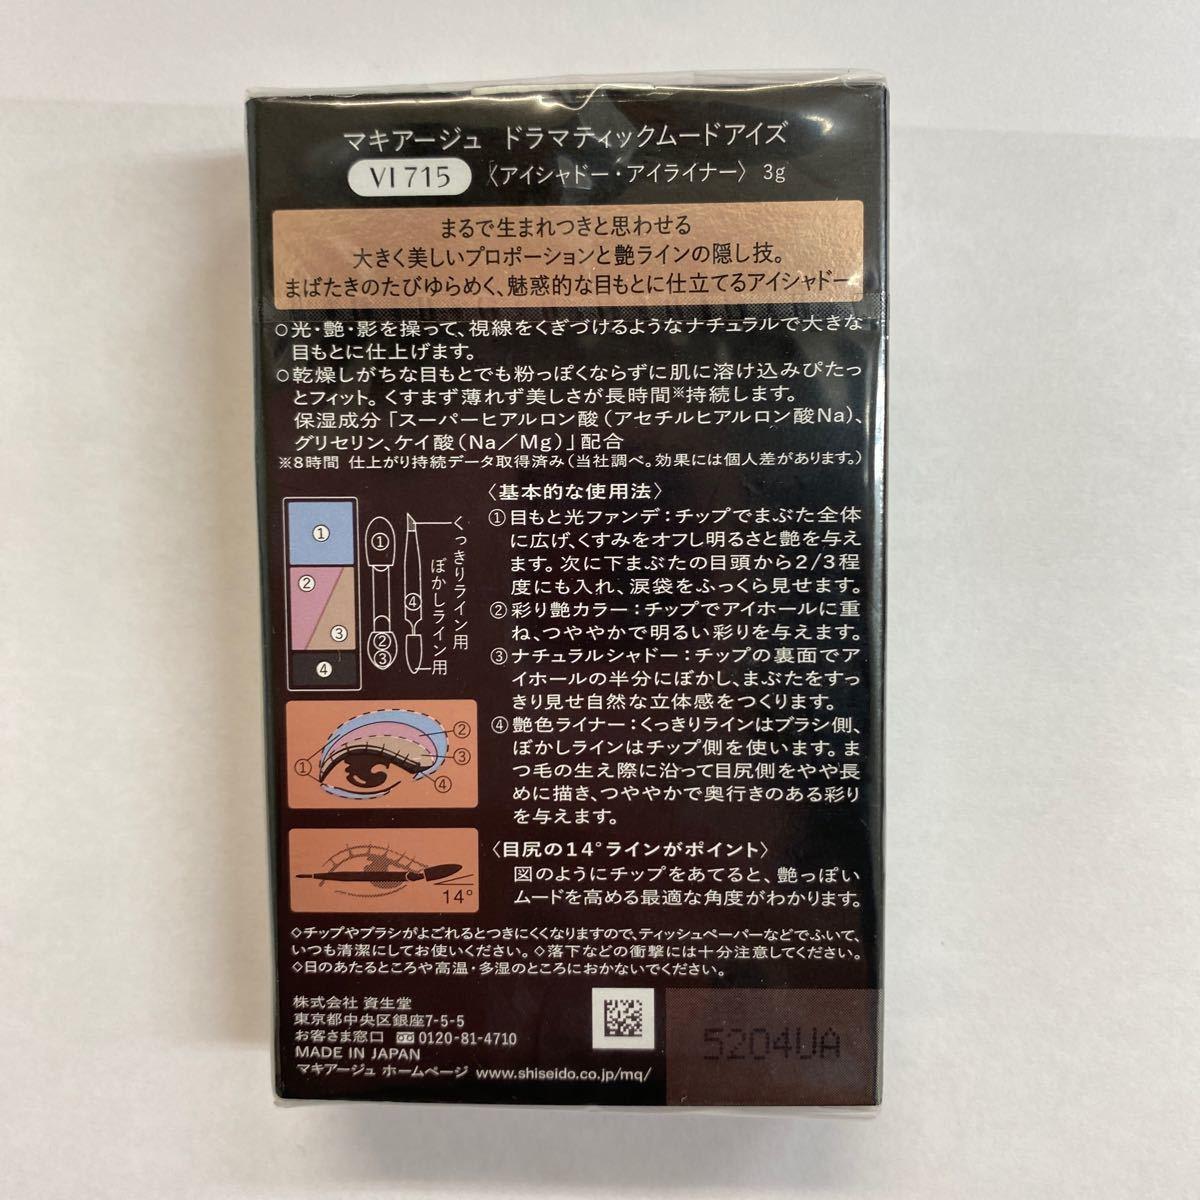 限定色 資生堂 マキアージュ ドラマティックムードアイズ VI715